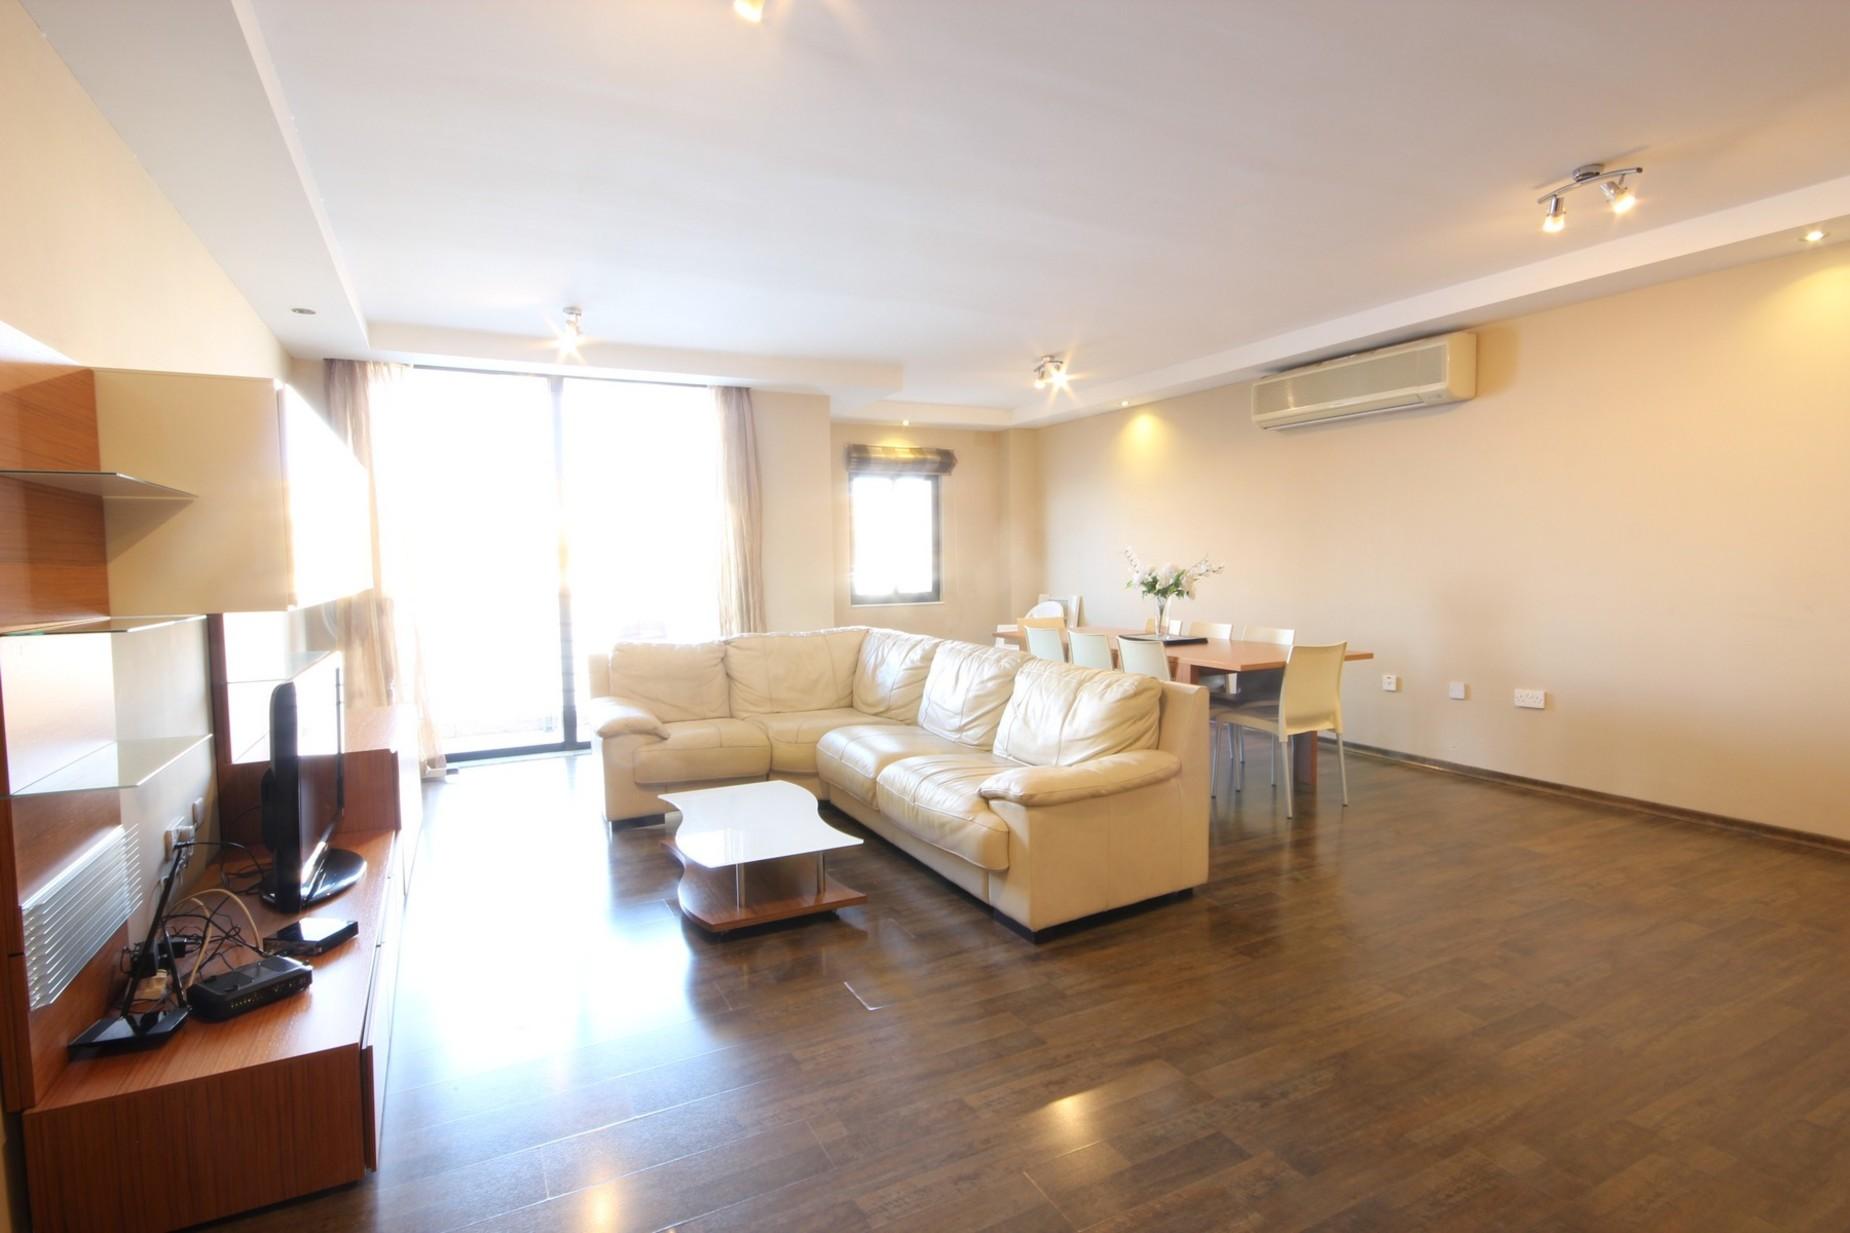 3 bed Apartment For Rent in Vittoriosa, Vittoriosa - thumb 2